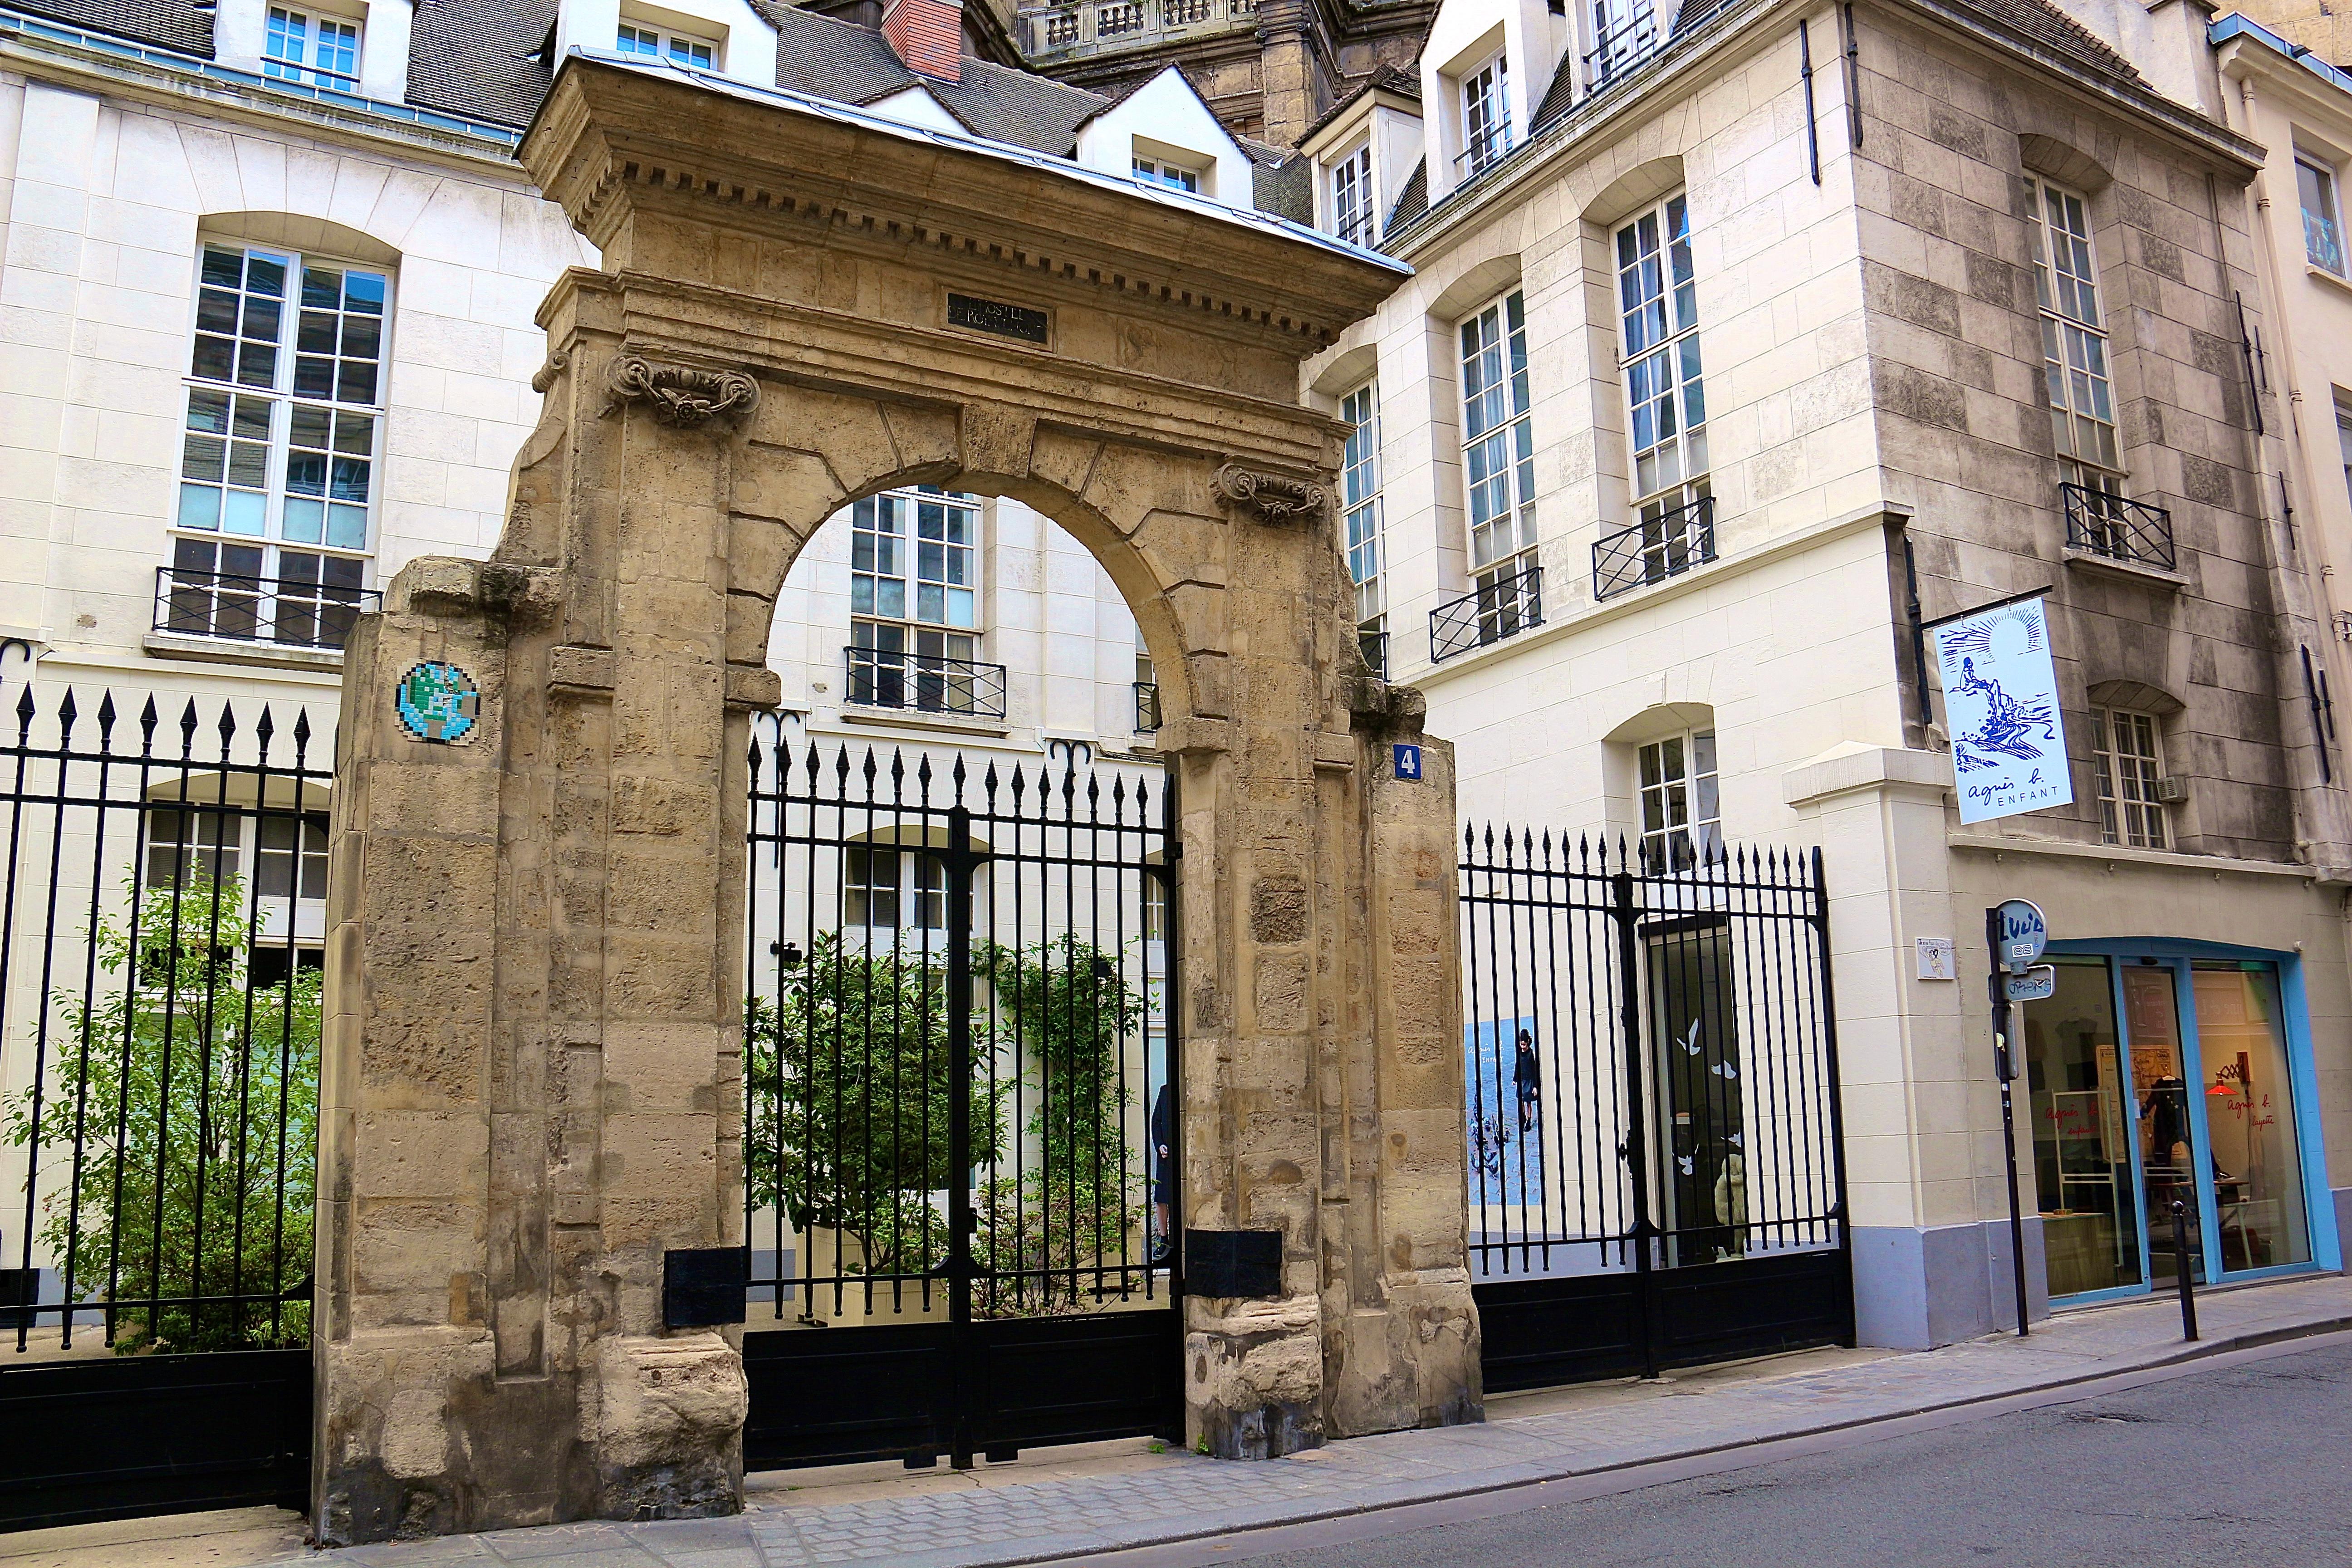 l'Hôtel de Royaumont